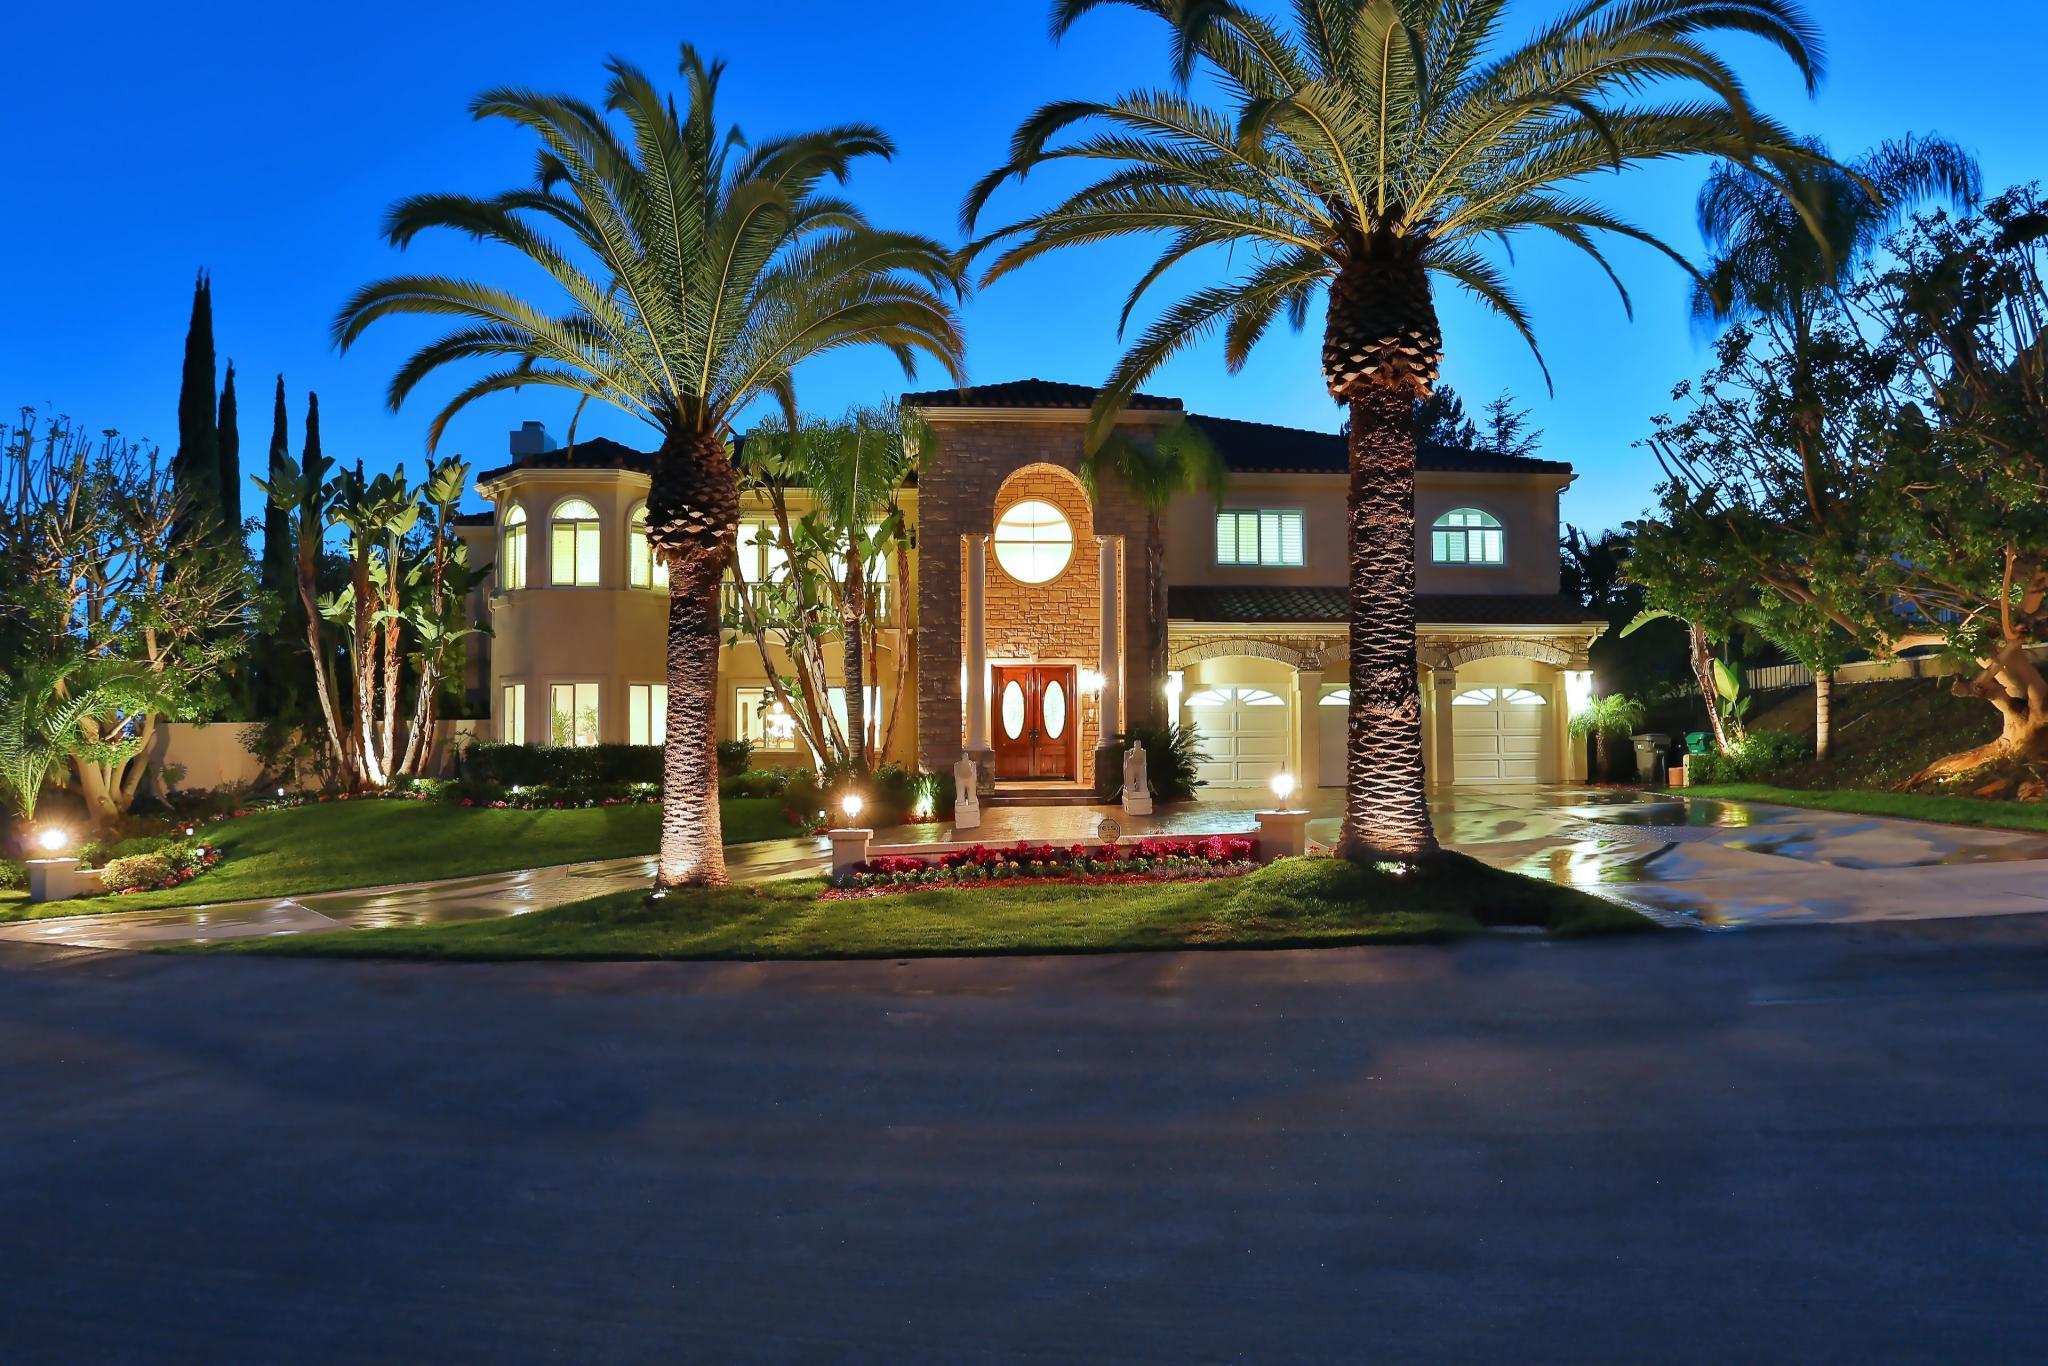 圣盖博_洛杉矶哪里买房, Arcadia(阿凯迪亚),San Marino (圣马力诺 ...